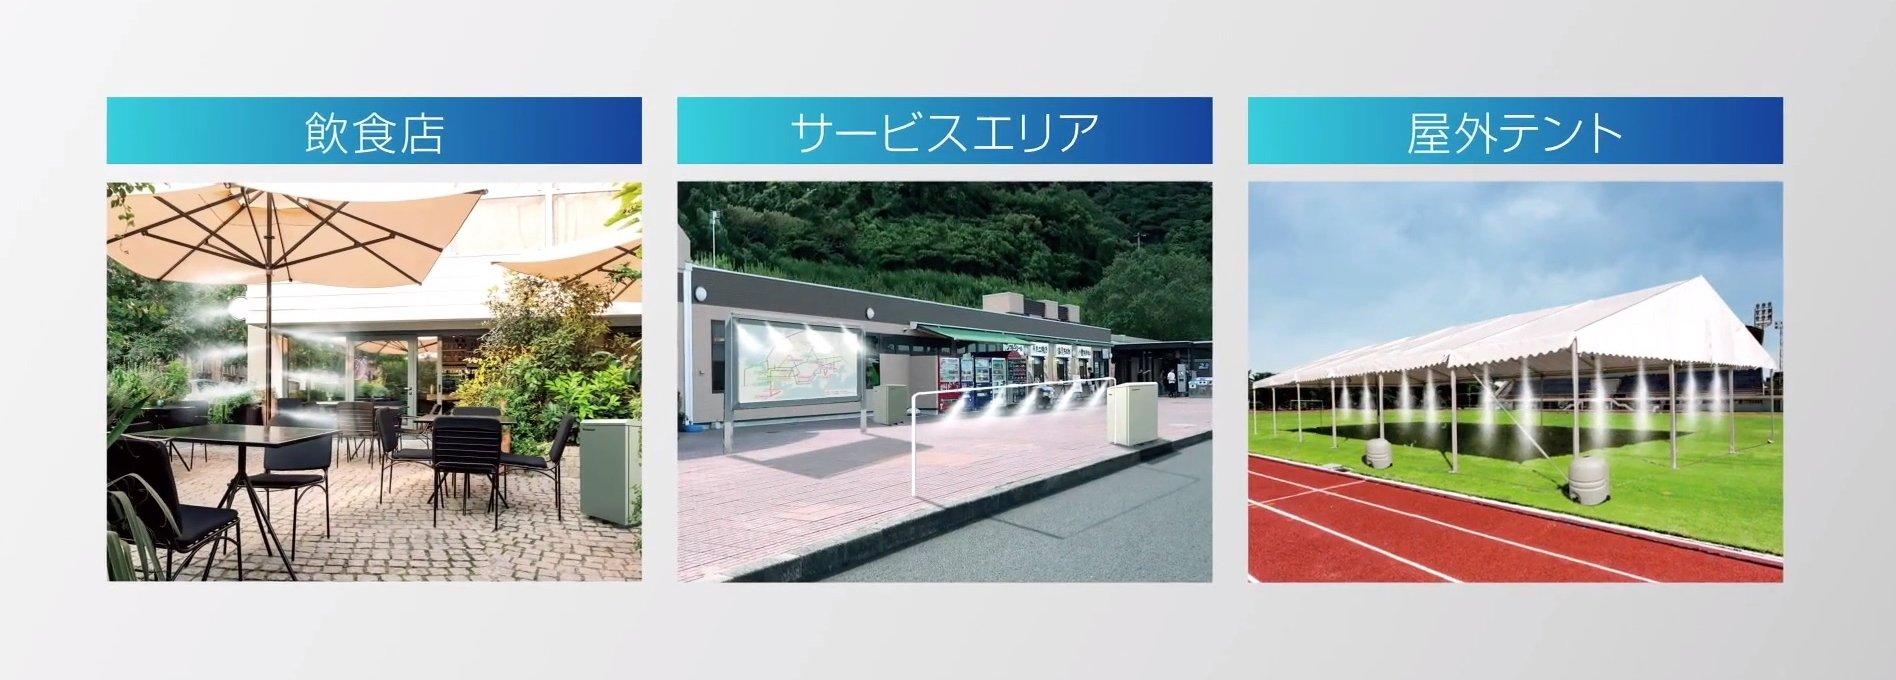 「グリーンAC Flex」の納入先イメージ:飲食店、サービスエリア、屋外テント。